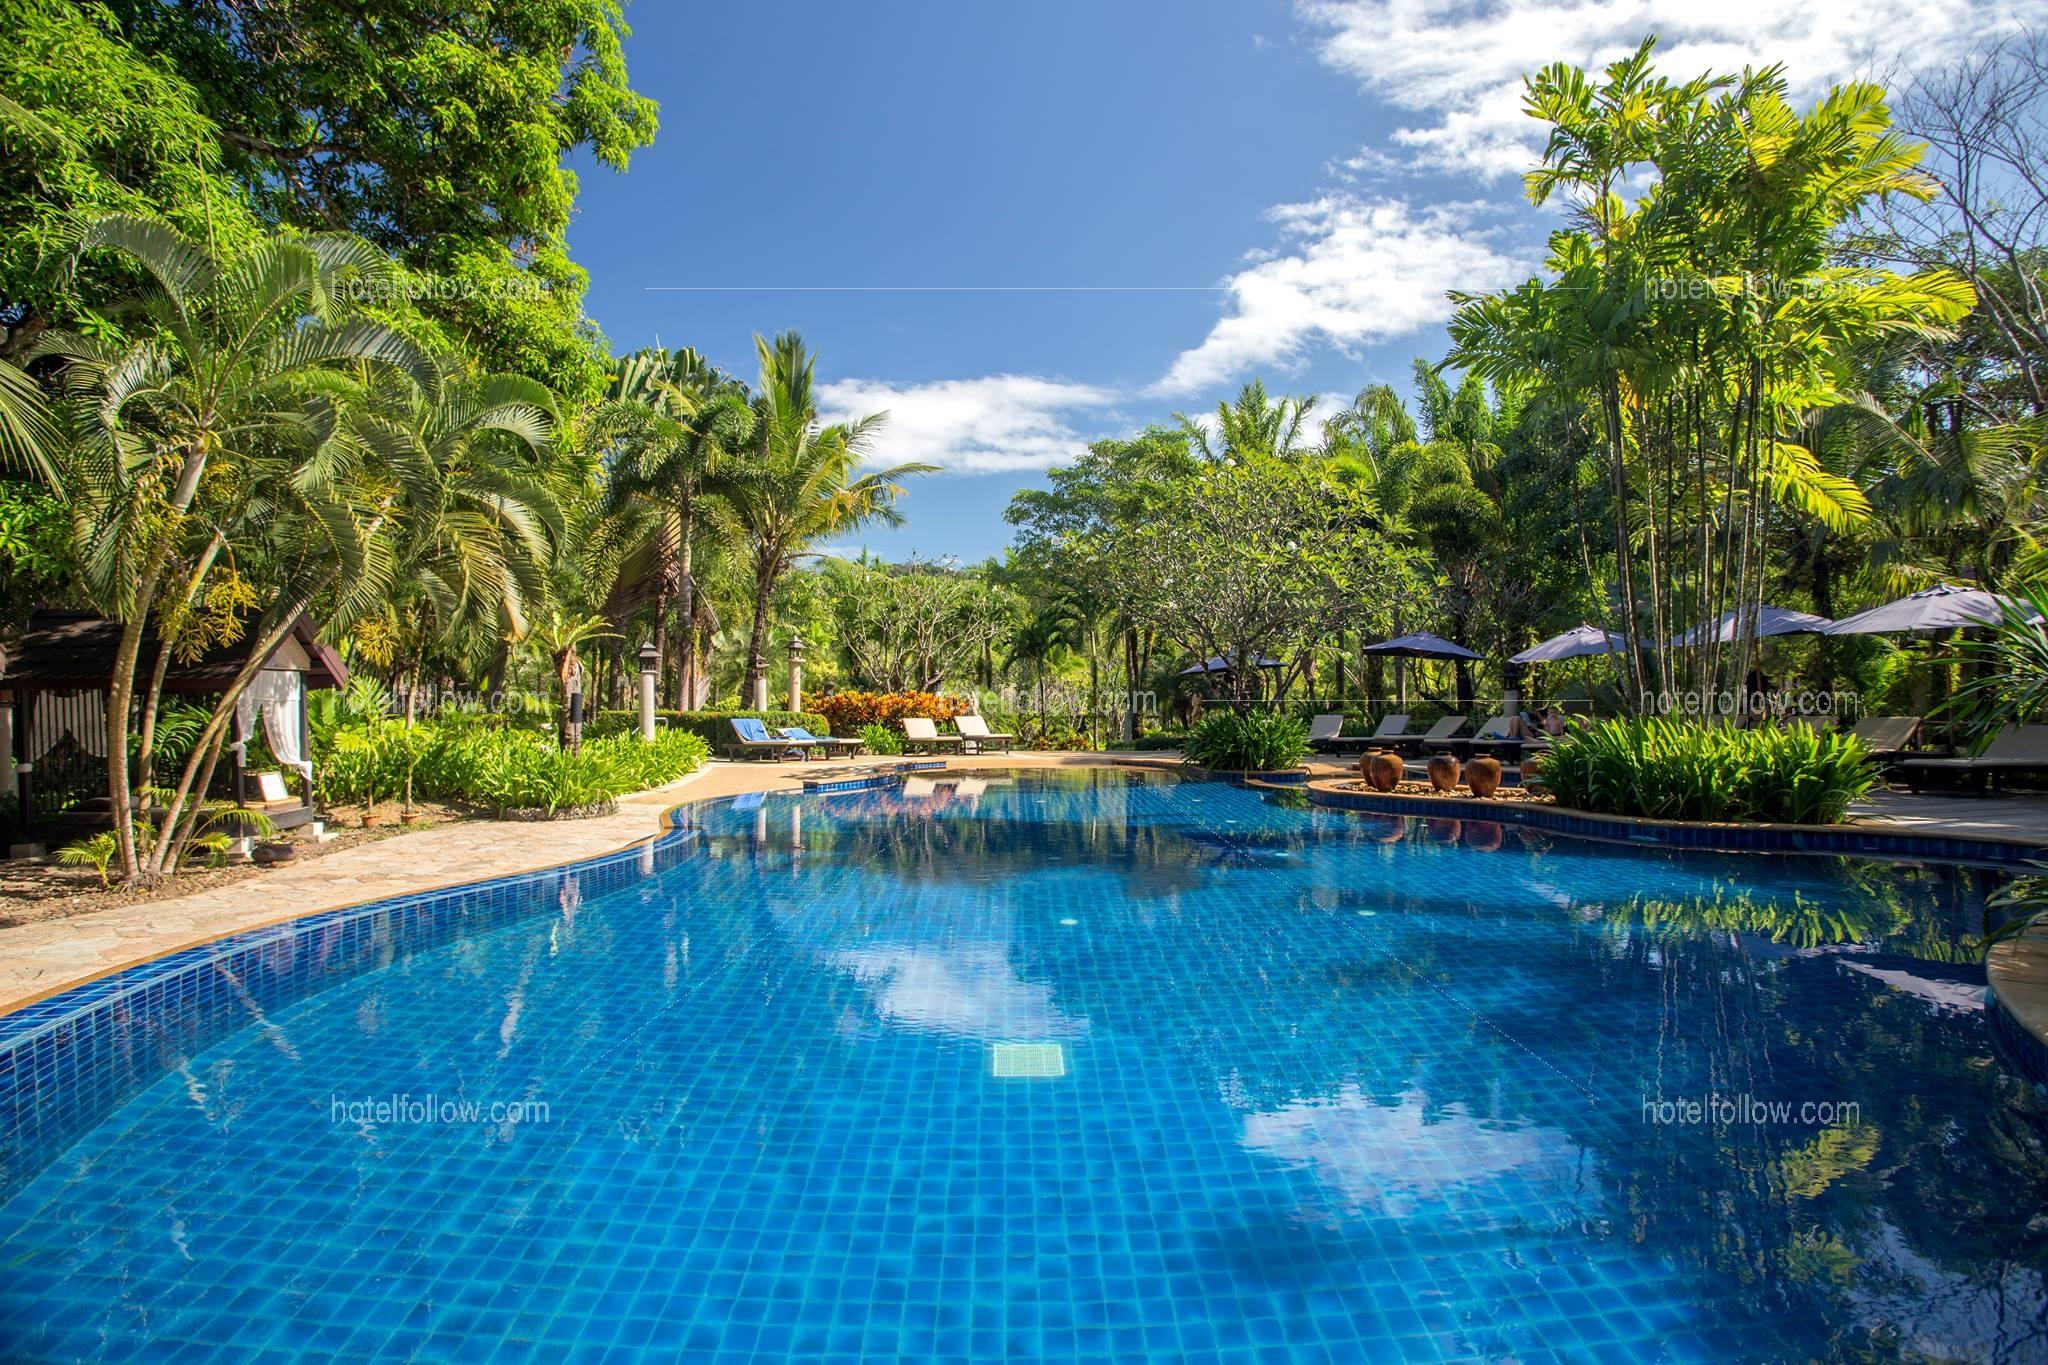 โรงแรม รามายานา เกาะช้าง รีสอร์ท แอนด์ สปา หาดคลองพร้าว